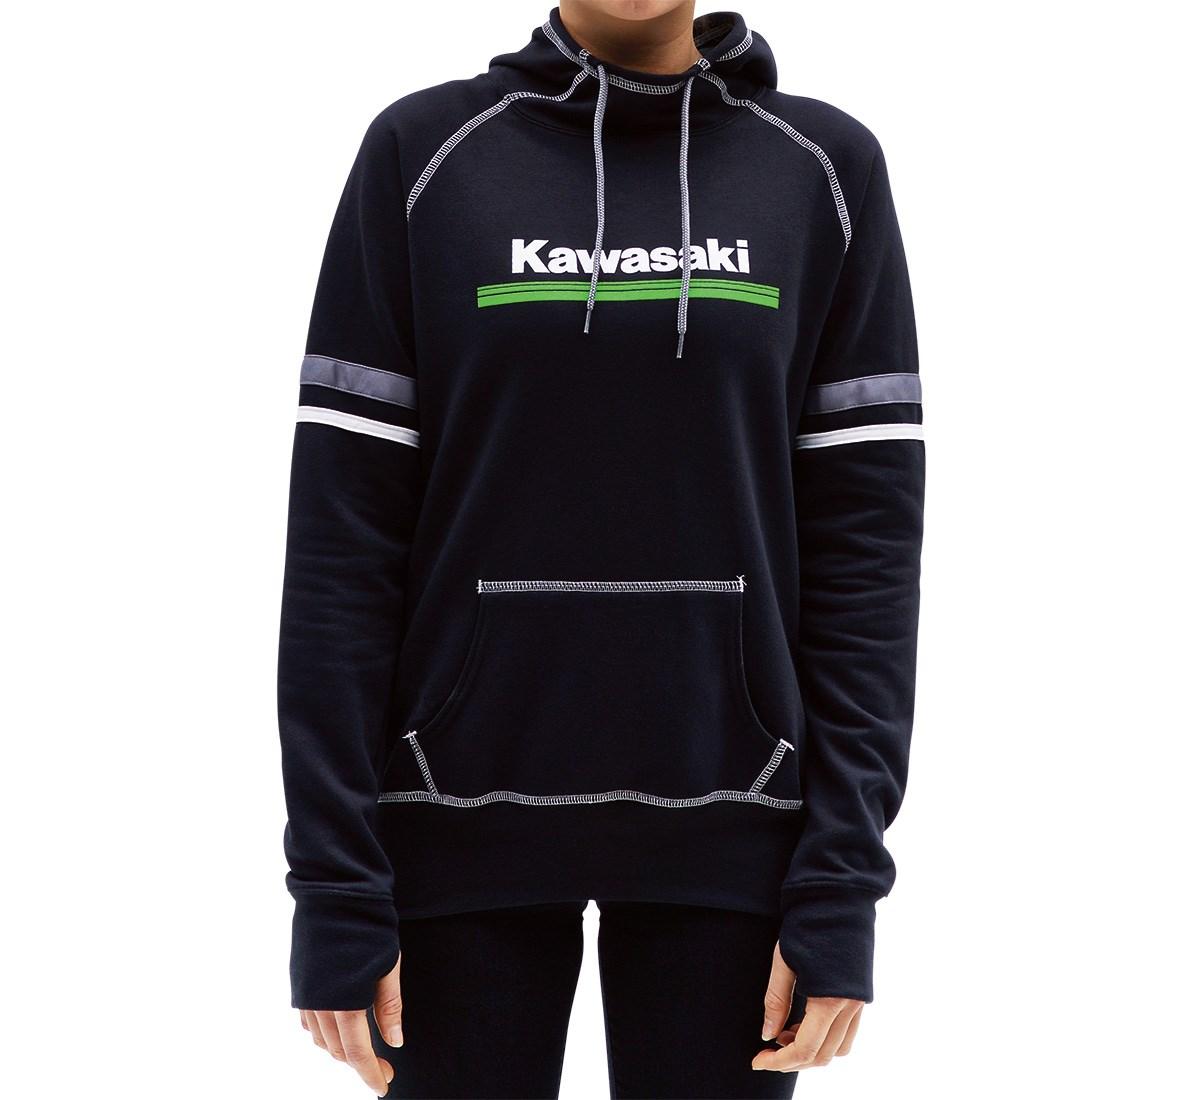 Kawasaki 3 Green Lines Zip-Up Hooded Sweatshirt Black Hoodie